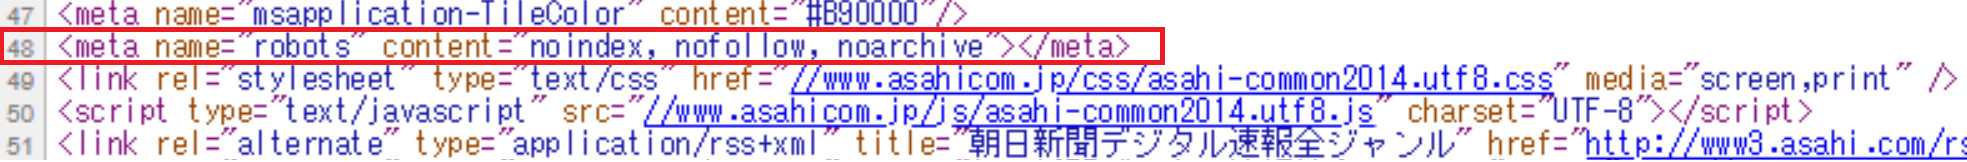 http://livedoor.blogimg.jp/gensen_2ch/imgs/a/9/a9240120.png